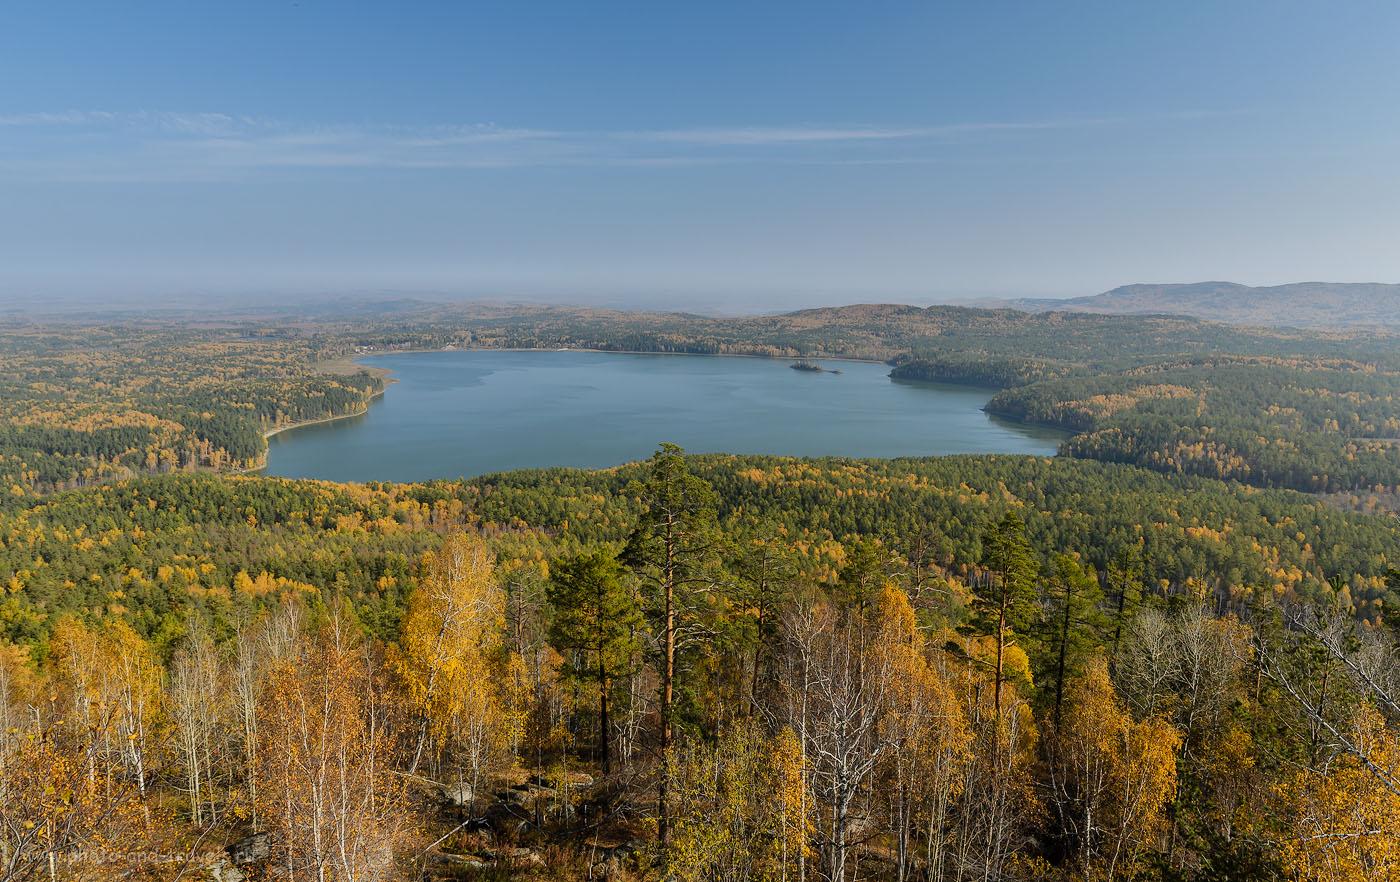 Фотография 6. Озеро Аракуль у подножия Шихана в Челябинской области. Как доехать на машине. Снято на ширик Samyang 14mm f/2.8 с настройками: 1/400, -1.0, 8.0, 14.0, 125.